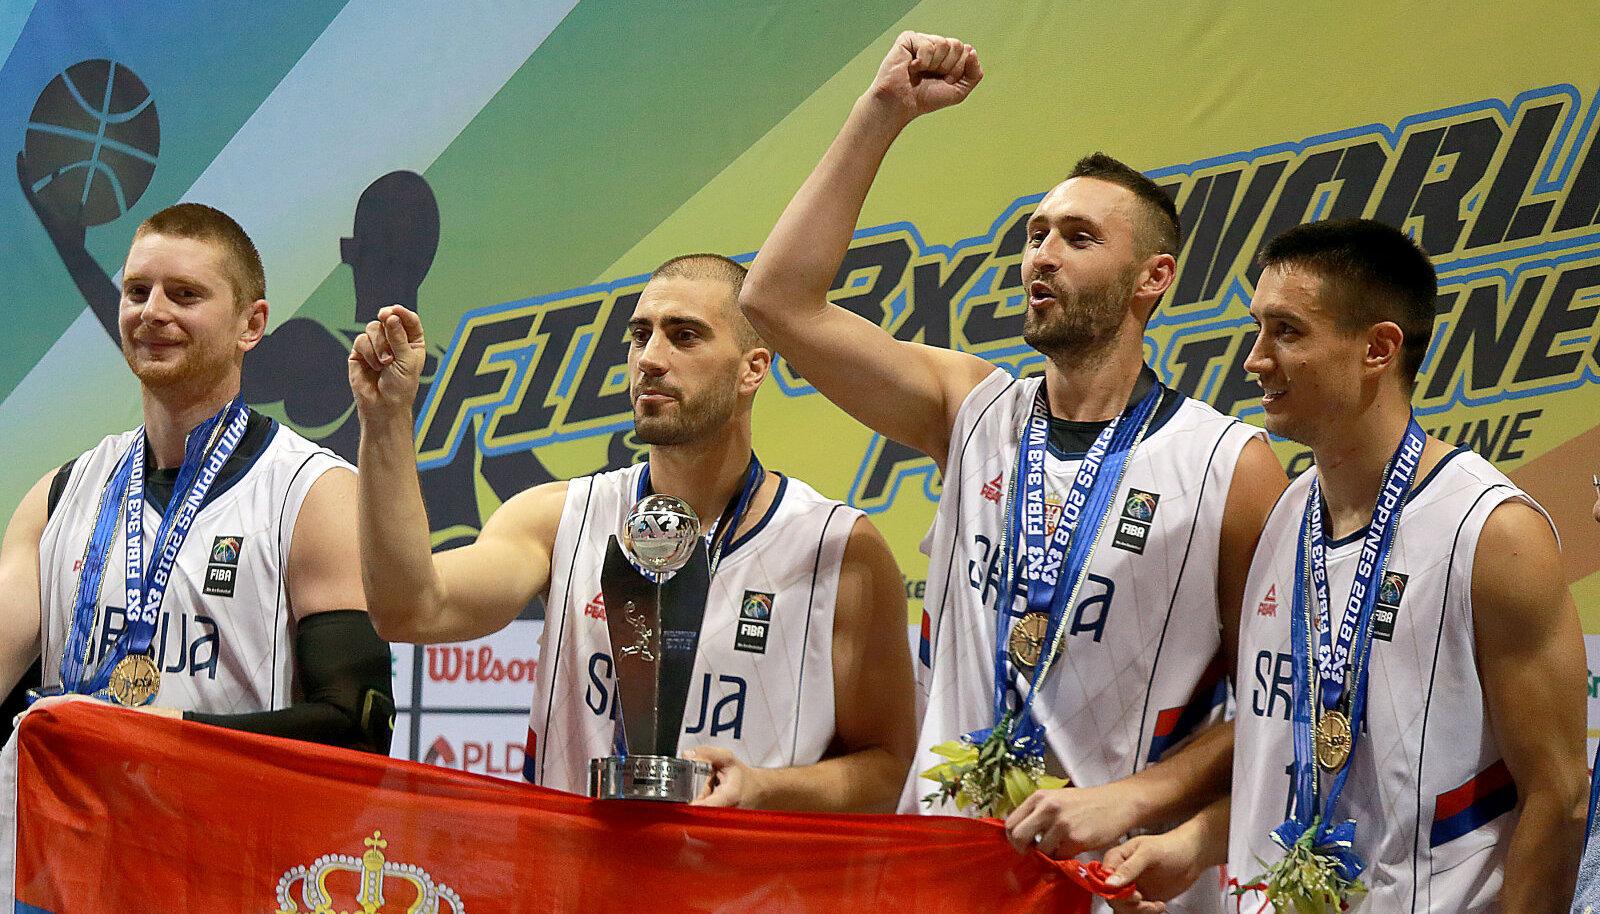 Võidukas Serbia 3x3 koondis